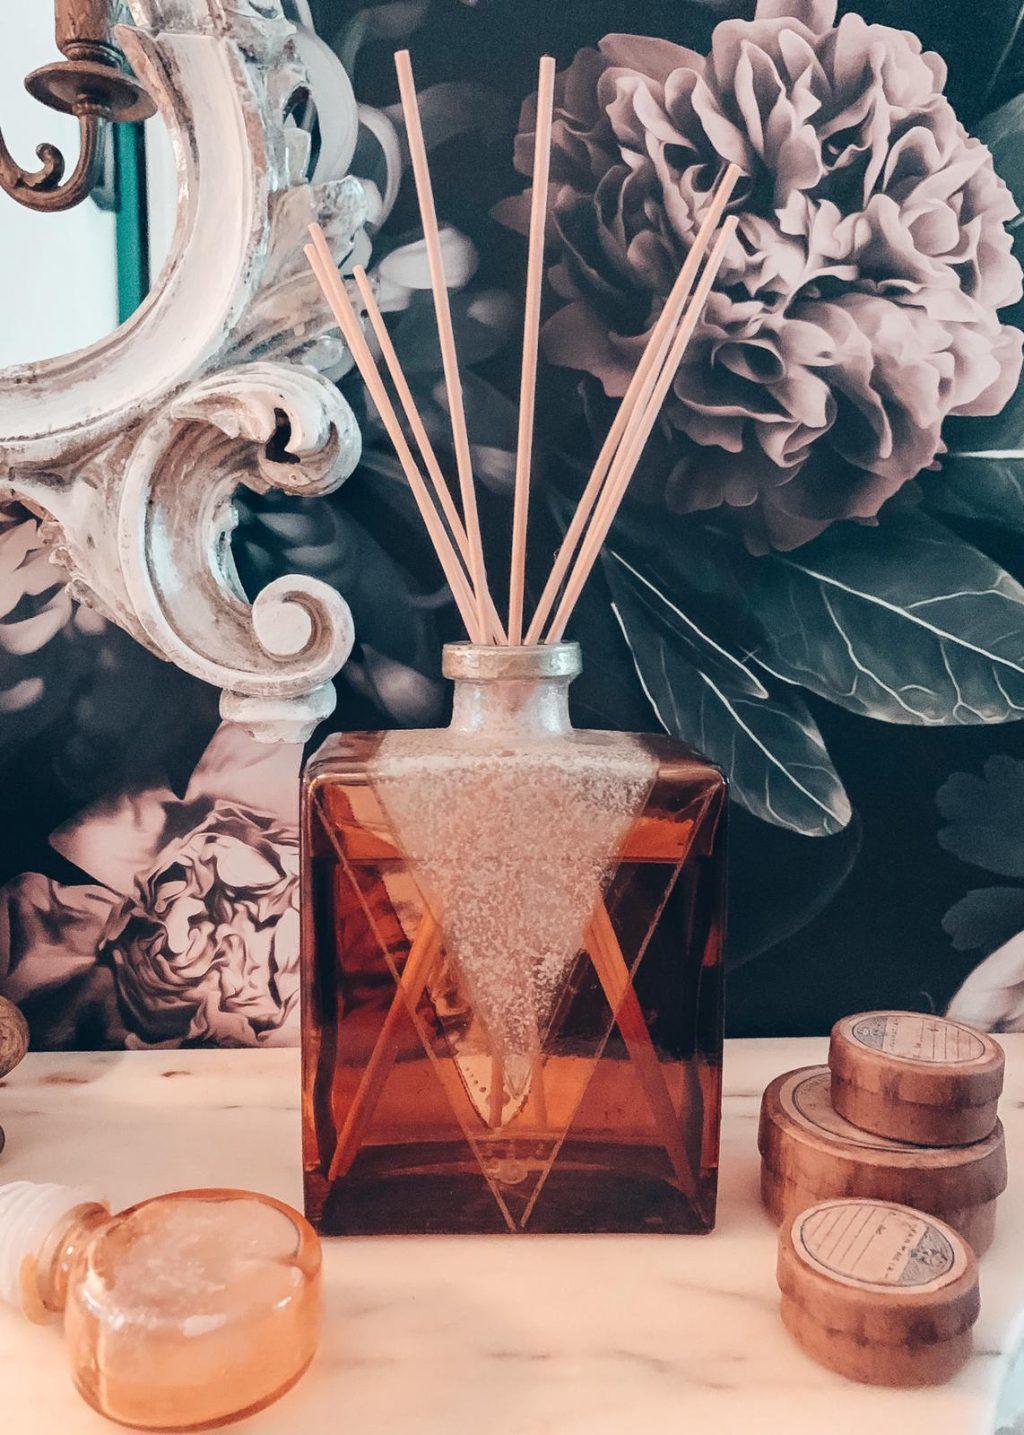 profumatori ambiente per la casa home fragrance di nicchia in bottiglia di vetro con bastoncini naturali legno